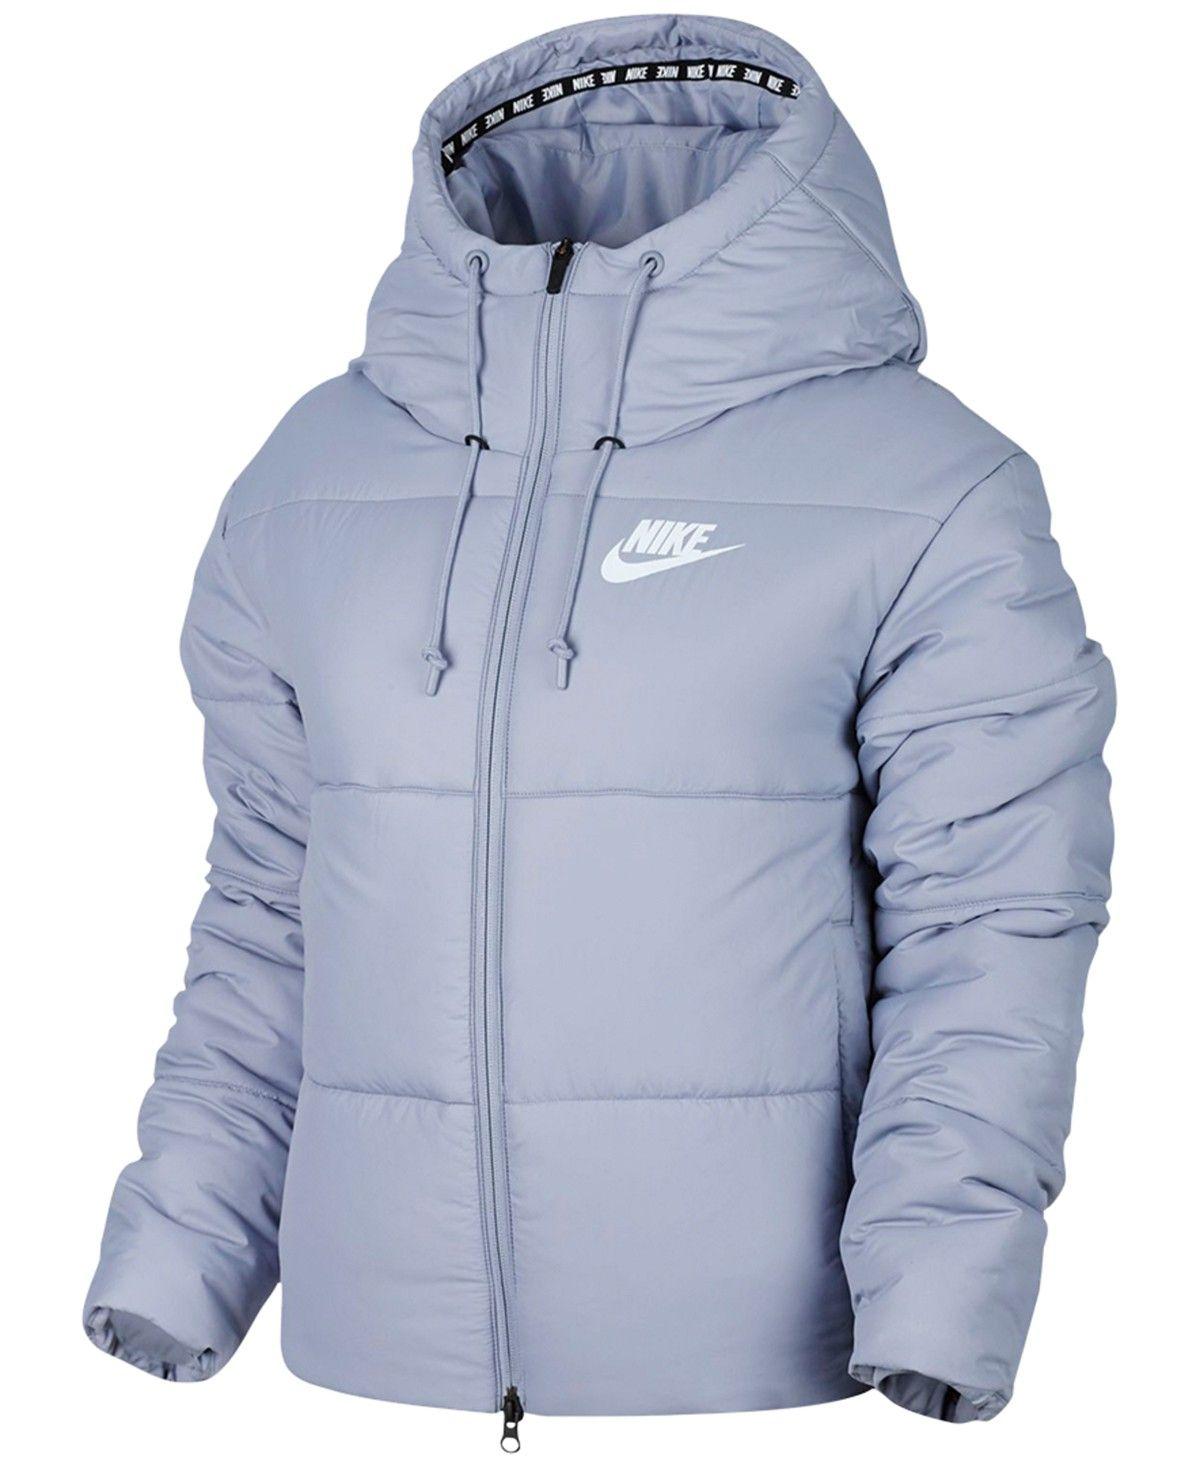 Nike Sportswear Puffer Jacket Jackets Women Macy S Nike Jackets Women Nike Coats Blazer Jackets For Women [ 1467 x 1200 Pixel ]